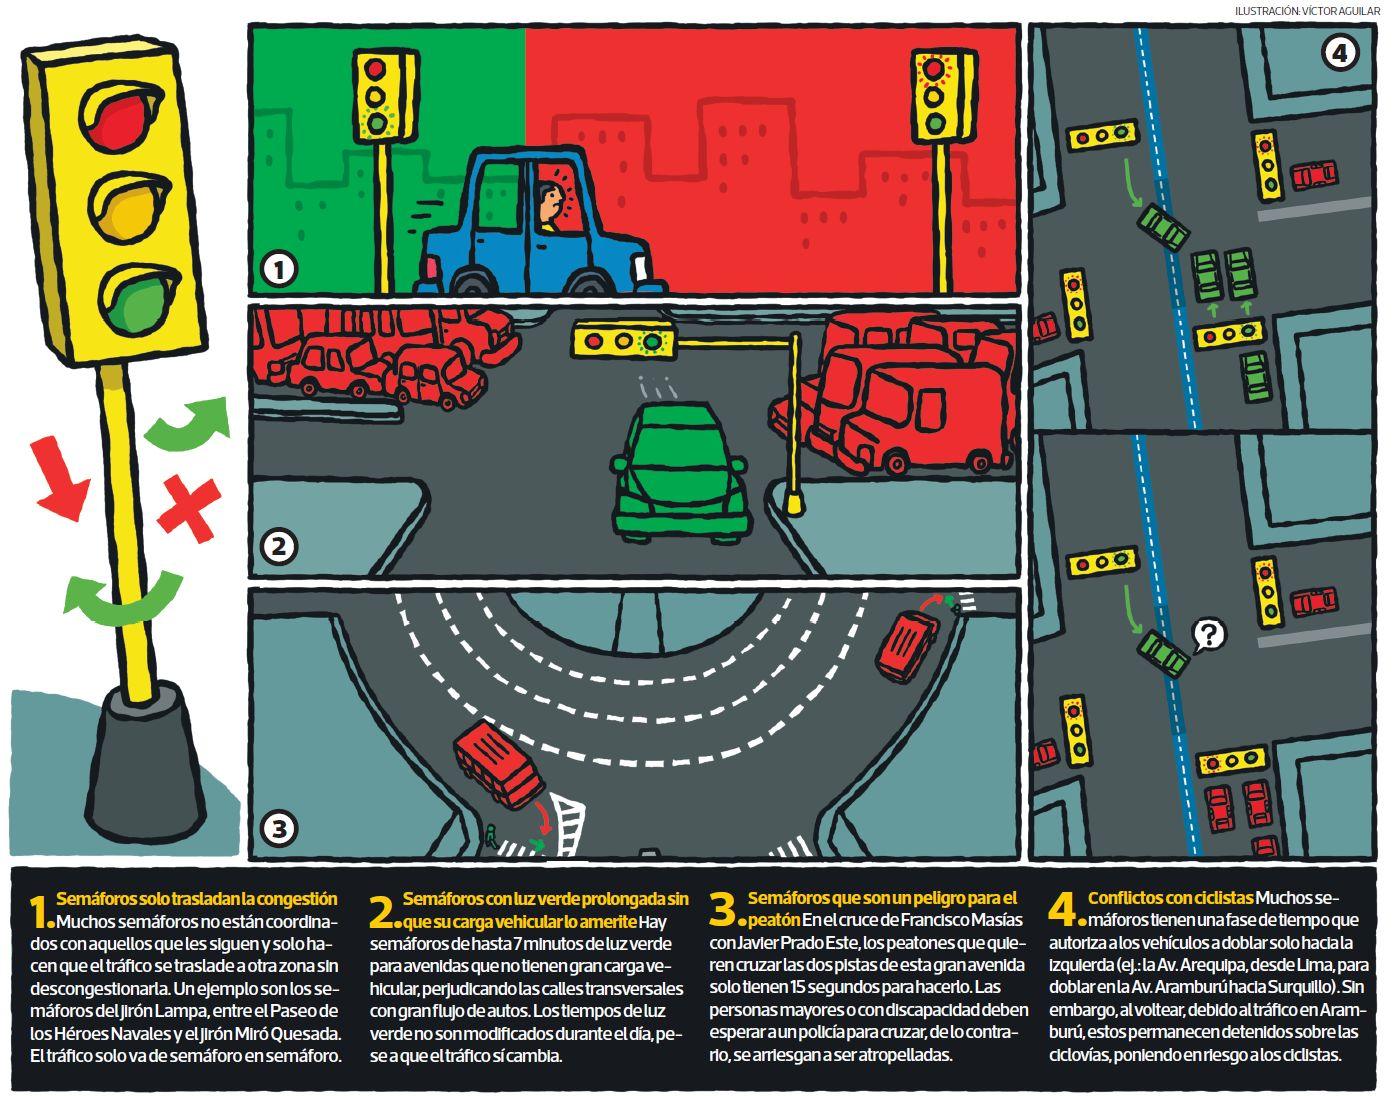 Deficiencias en el sistema de semaforización aumentan la congestión vehicular en Lima. (El Comercio)